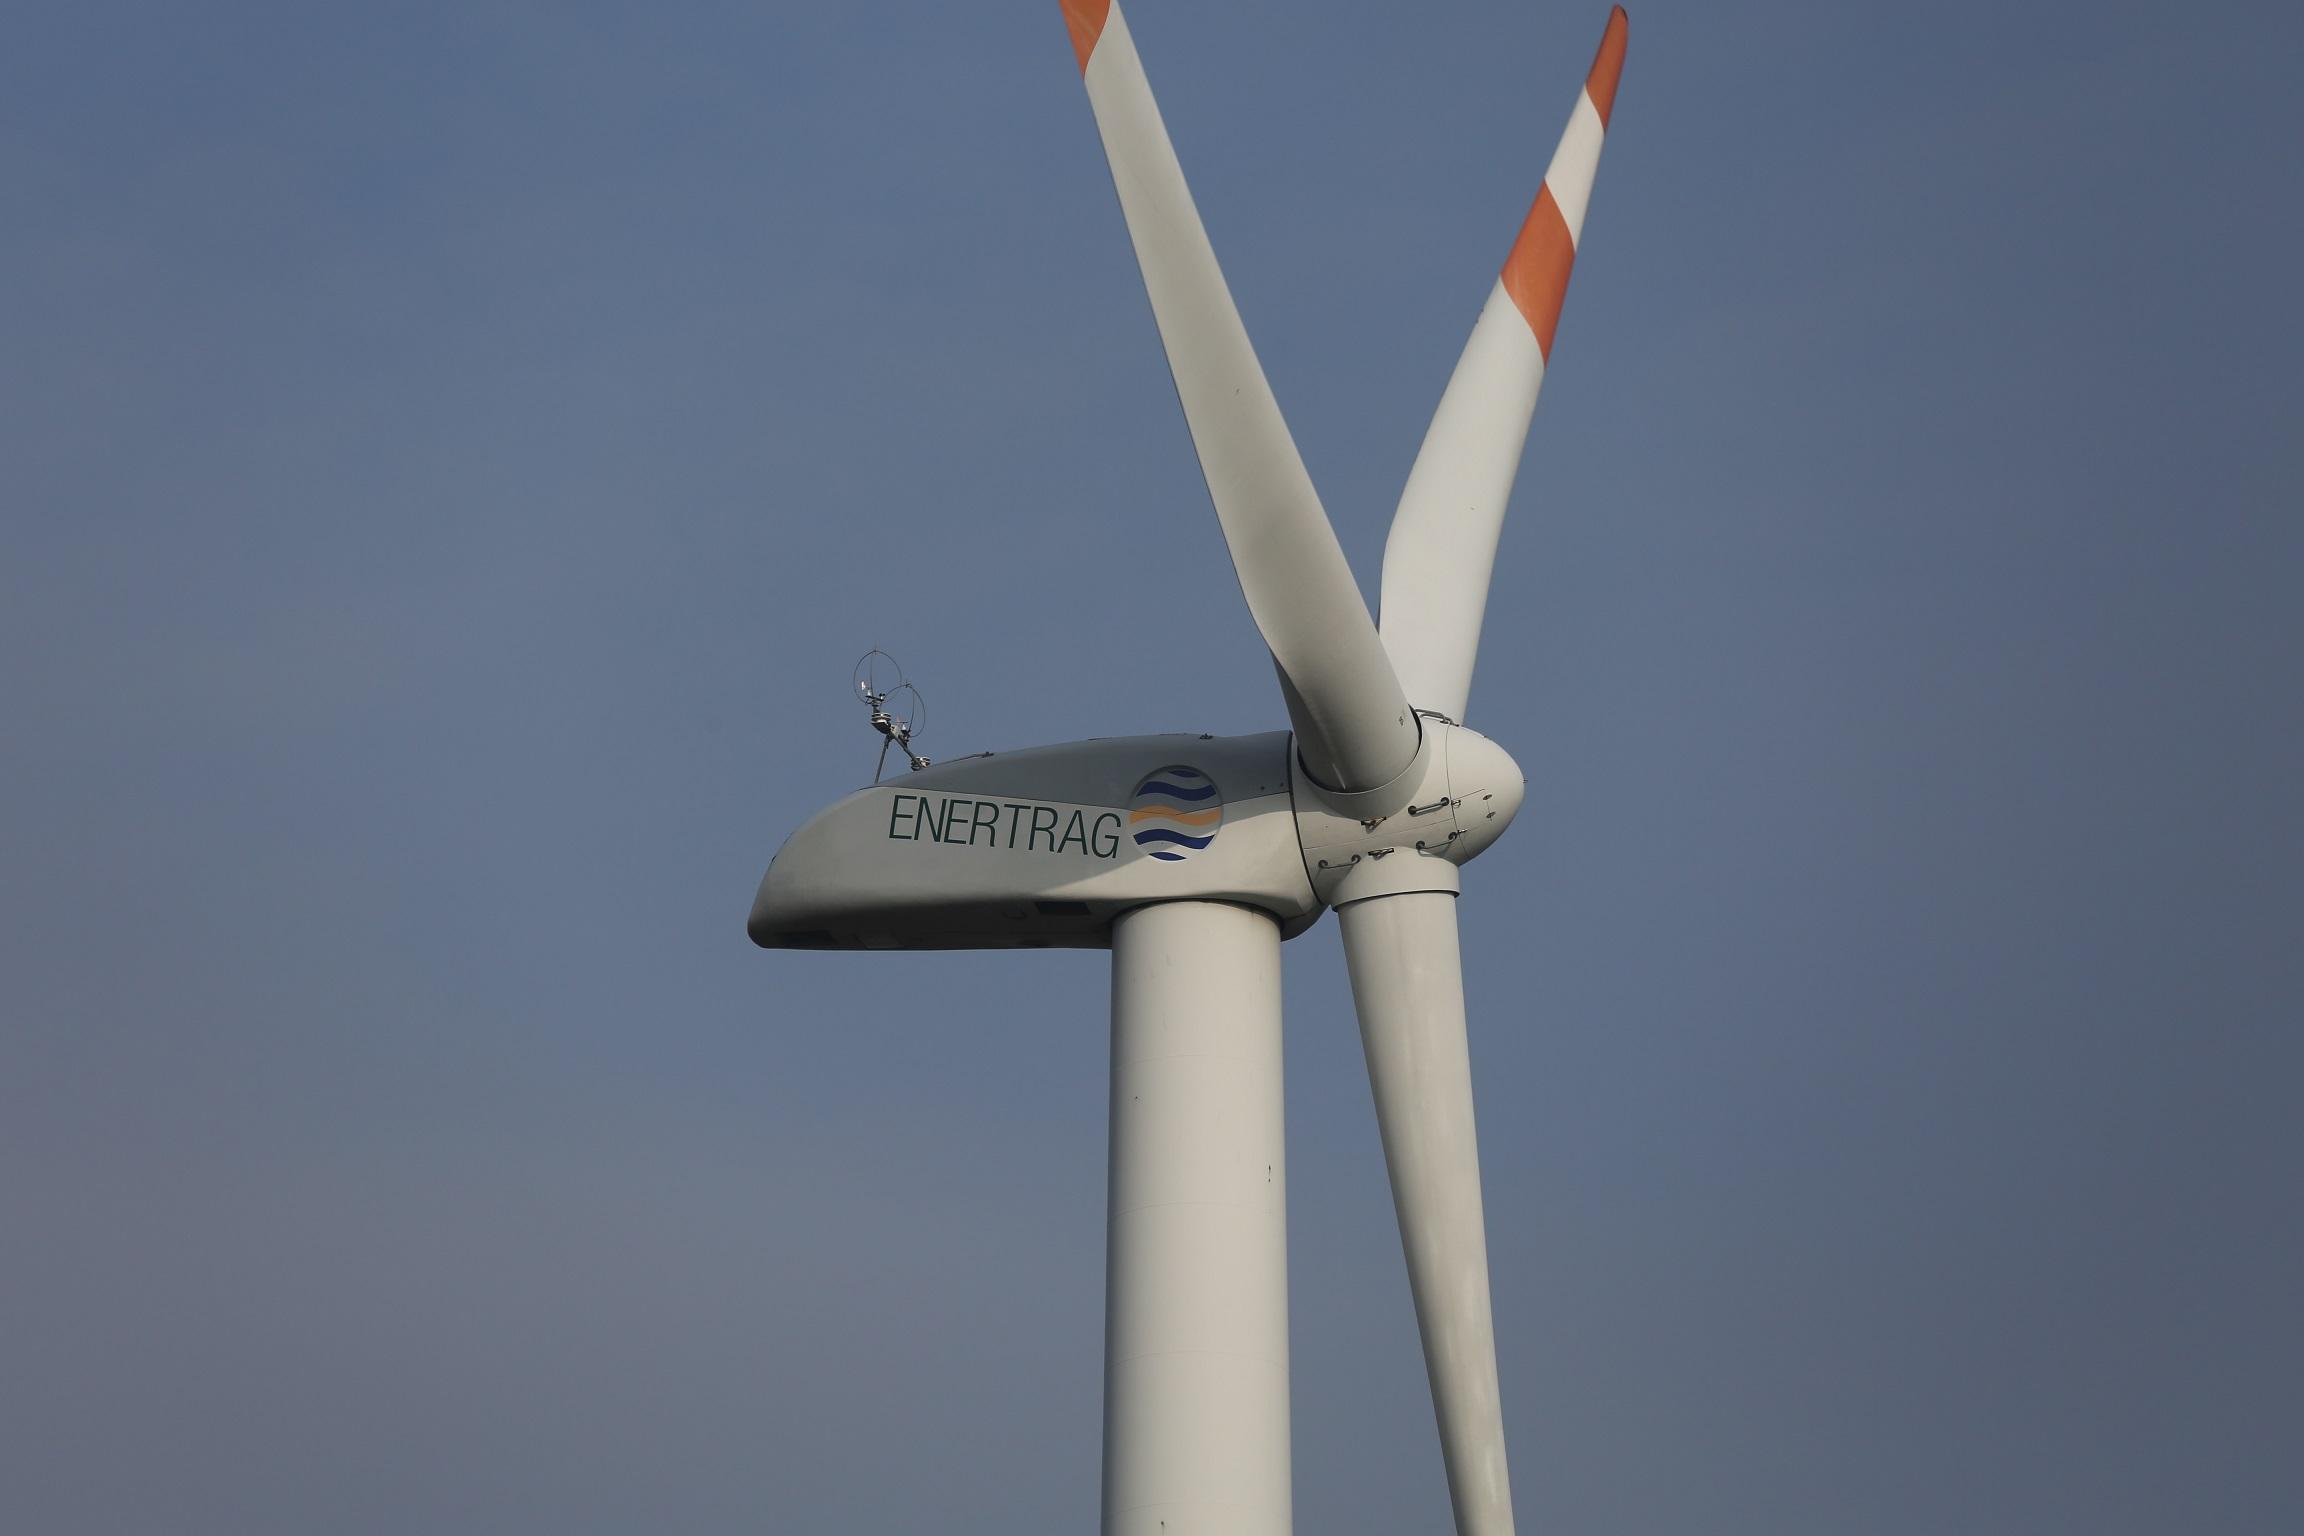 DeWind D8 2 00 MW Wind turbine